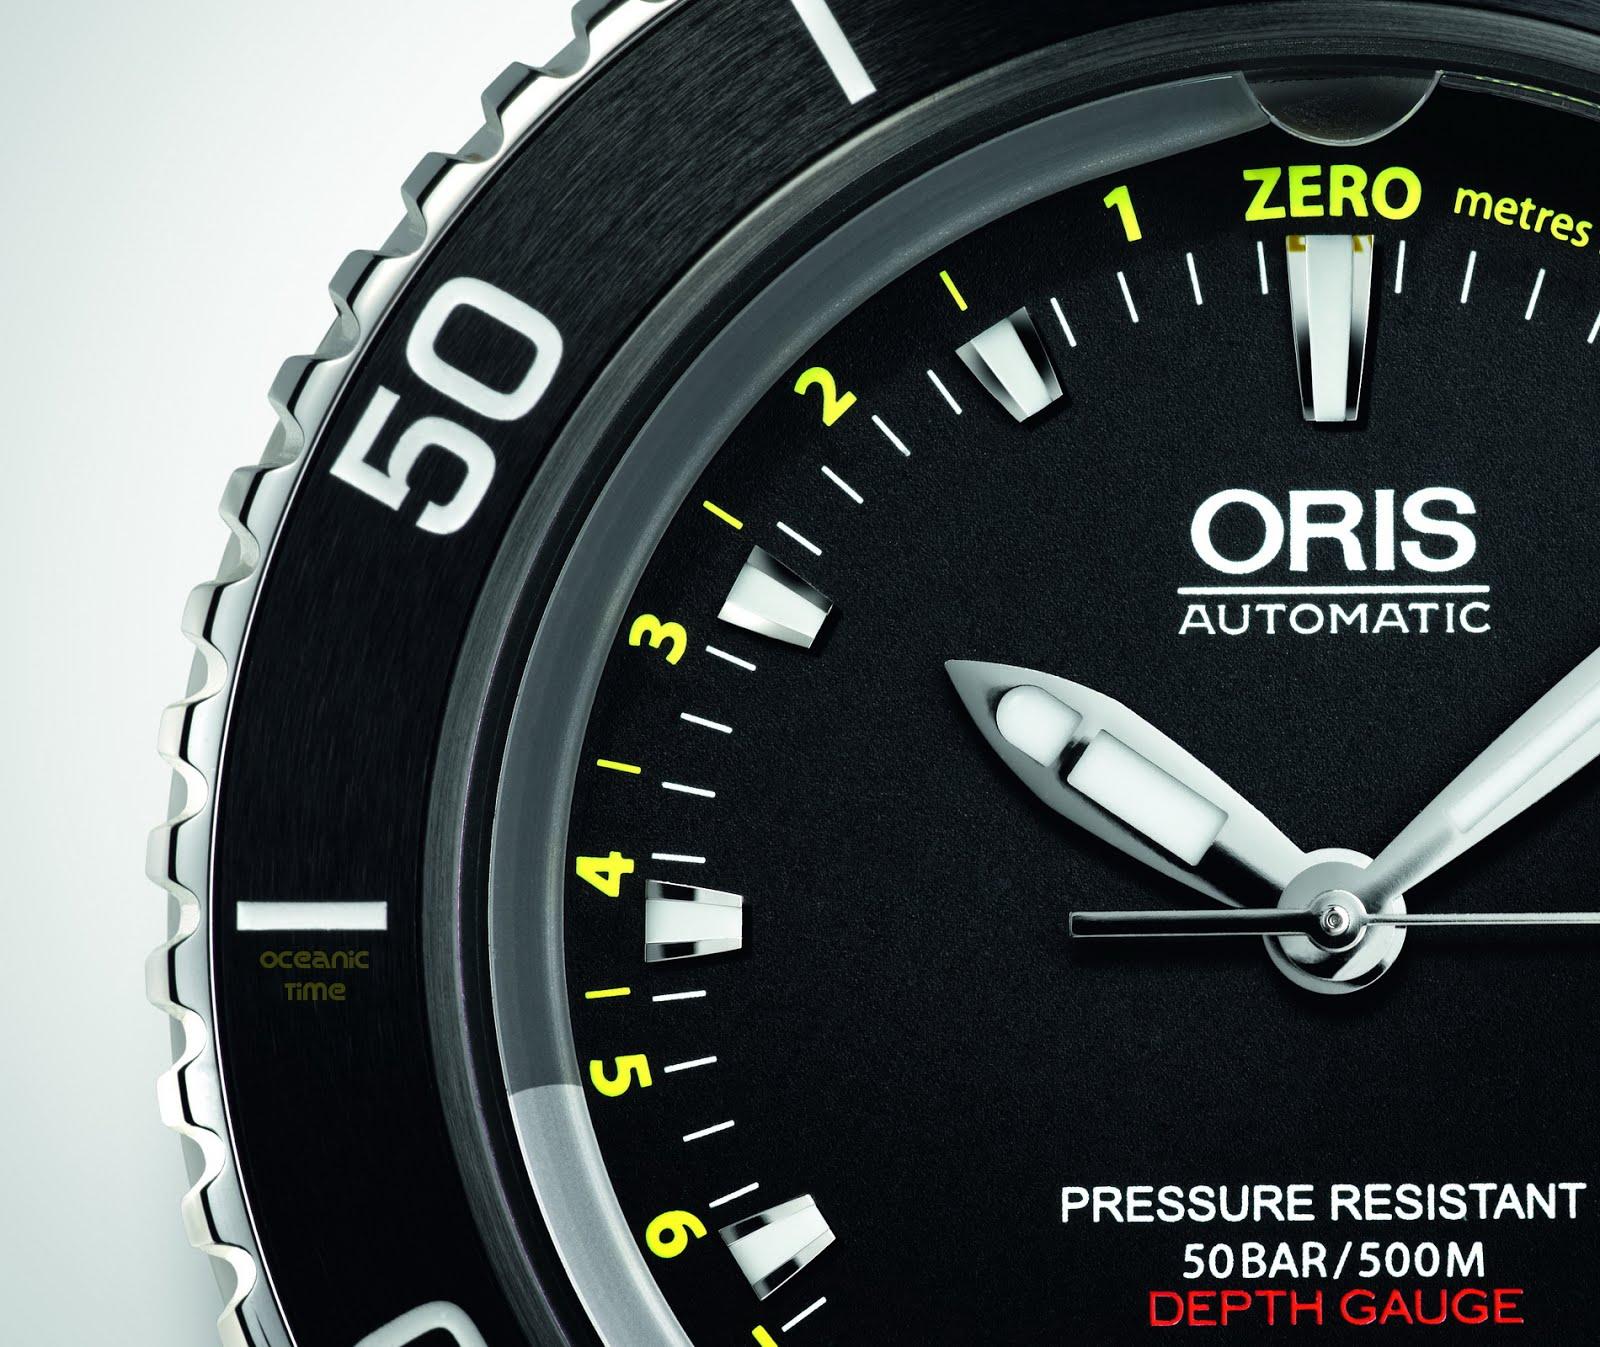 oris - Une nouvelle montre profondimètre chez Oris ORIS%2BAquis%2BDepth%2BGAUGE%2B02